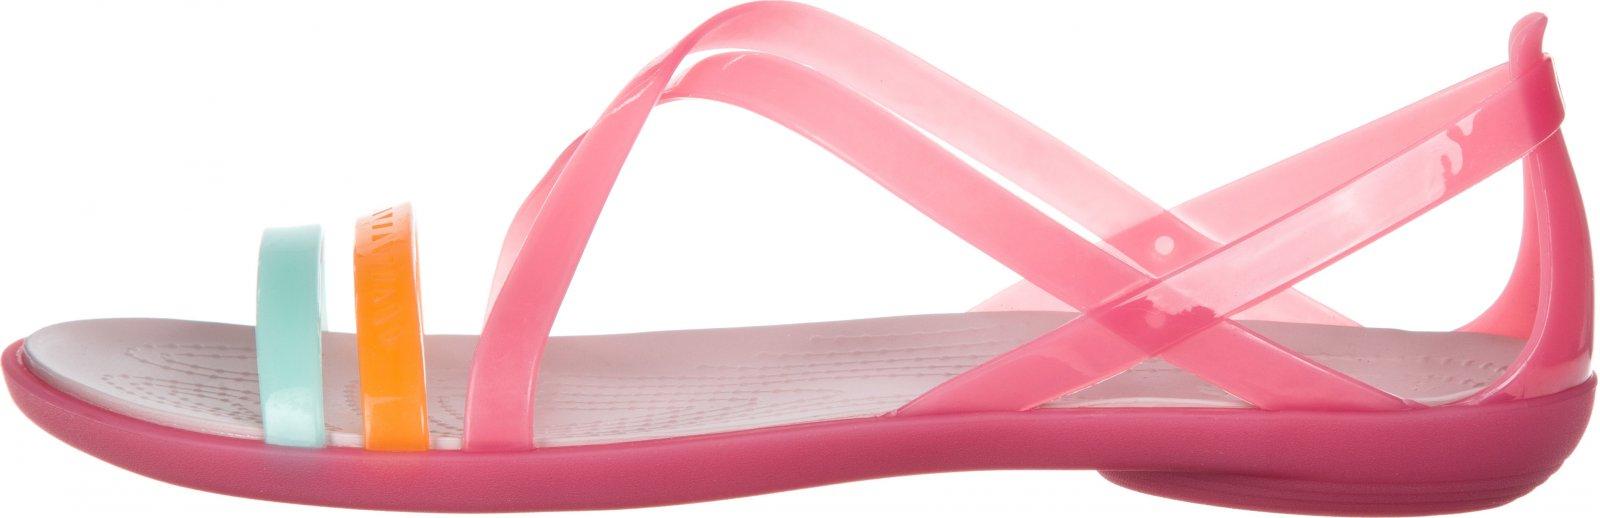 954477bb57bf Crocs Isabella Cut Strappy 205149 růžové - Srovnejte ceny!